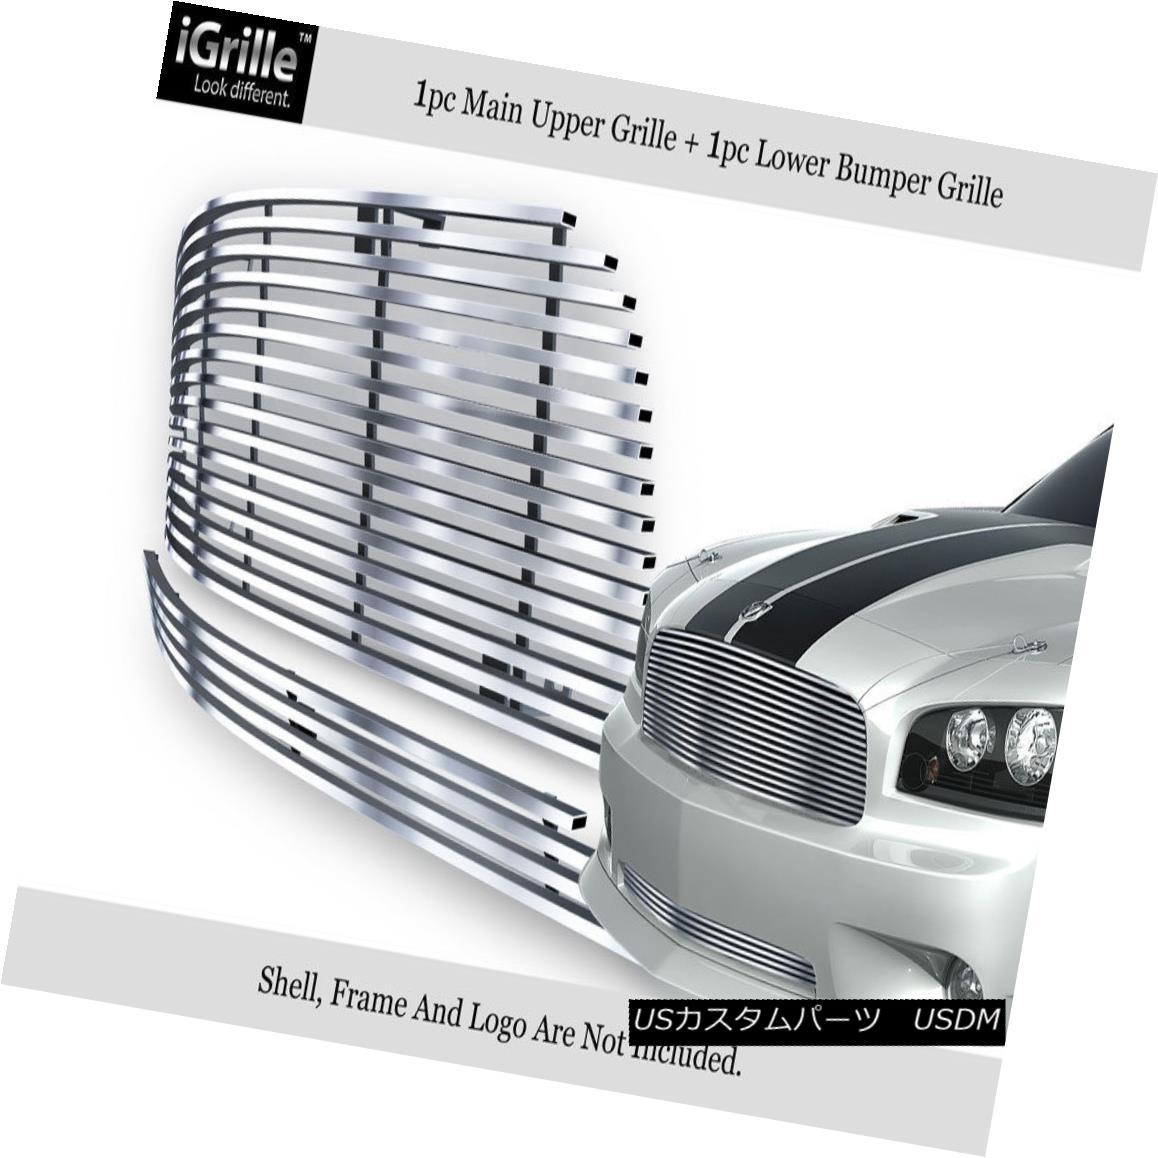 グリル Fits 2005-2010 Dodge Charger 304 Stainless Steel Billet Grille Combo フィット2005-2010ダッジチャージャー304ステンレス鋼ビレットグリルコンボ